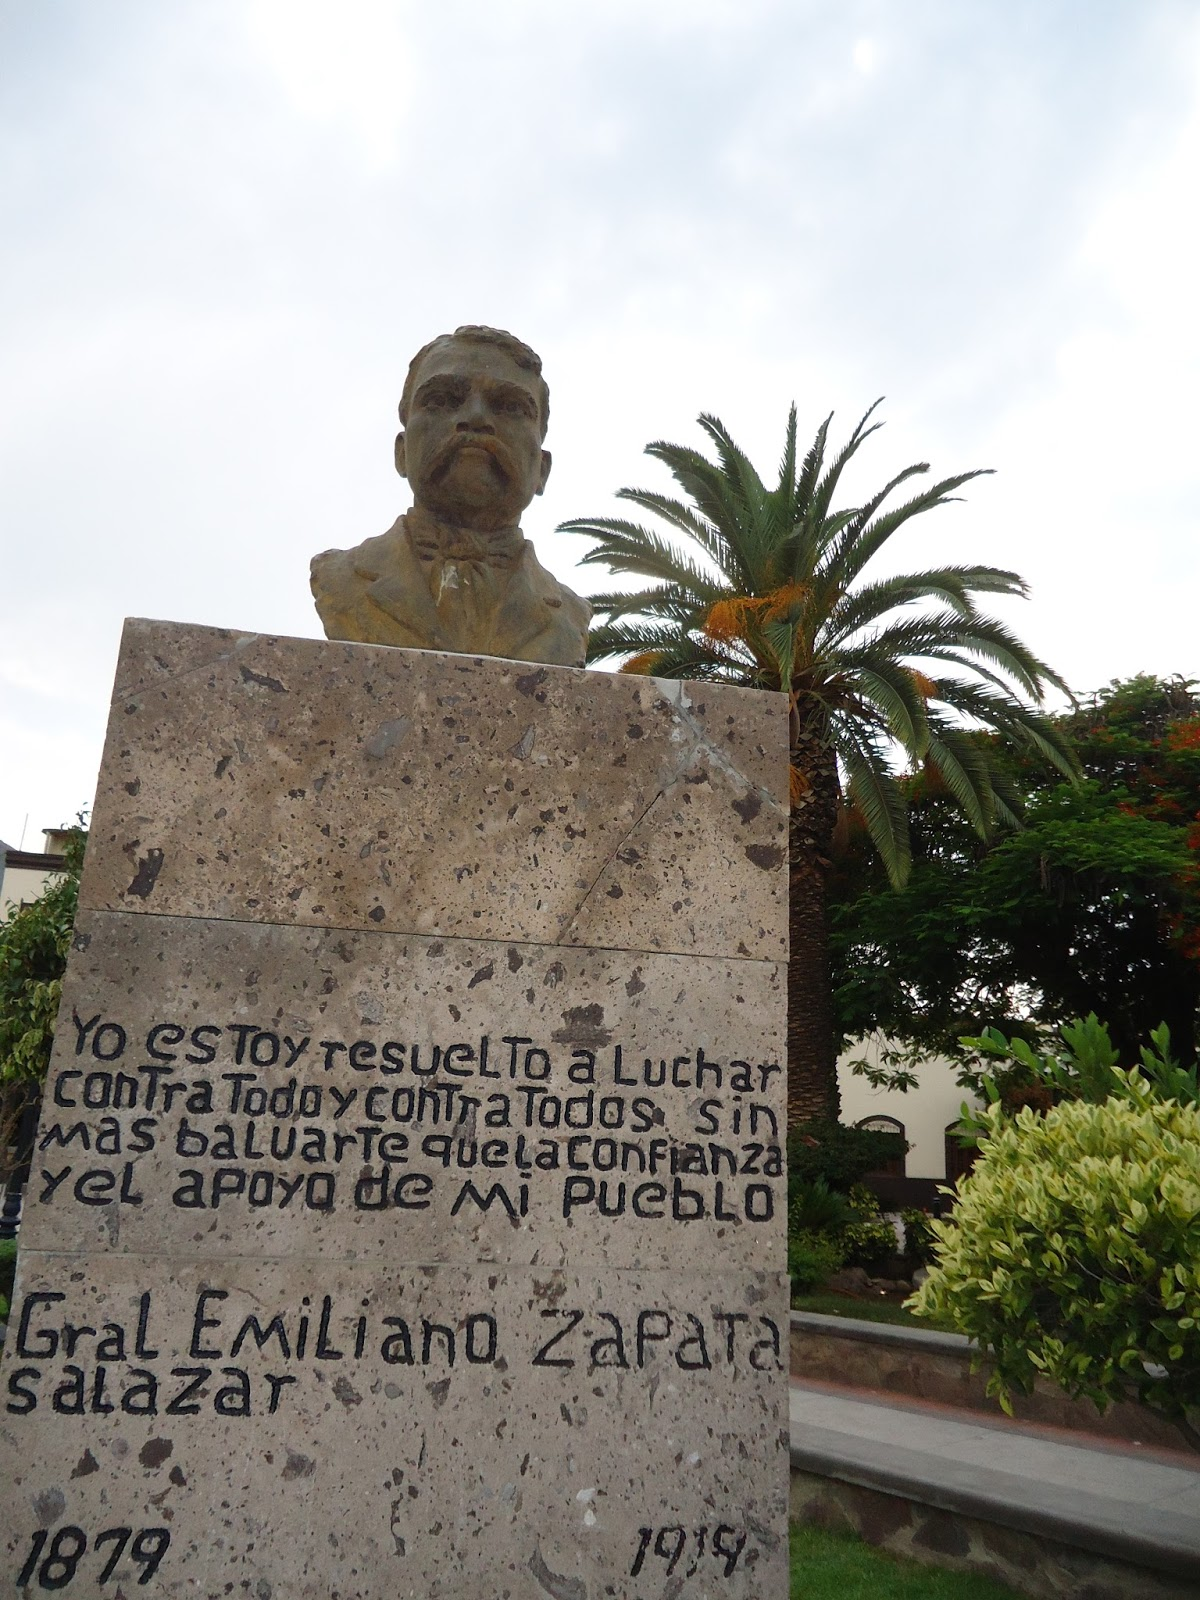 Sancarlosfortin plaza jardin kiosko y estatuas de - Estatuas de jardin ...